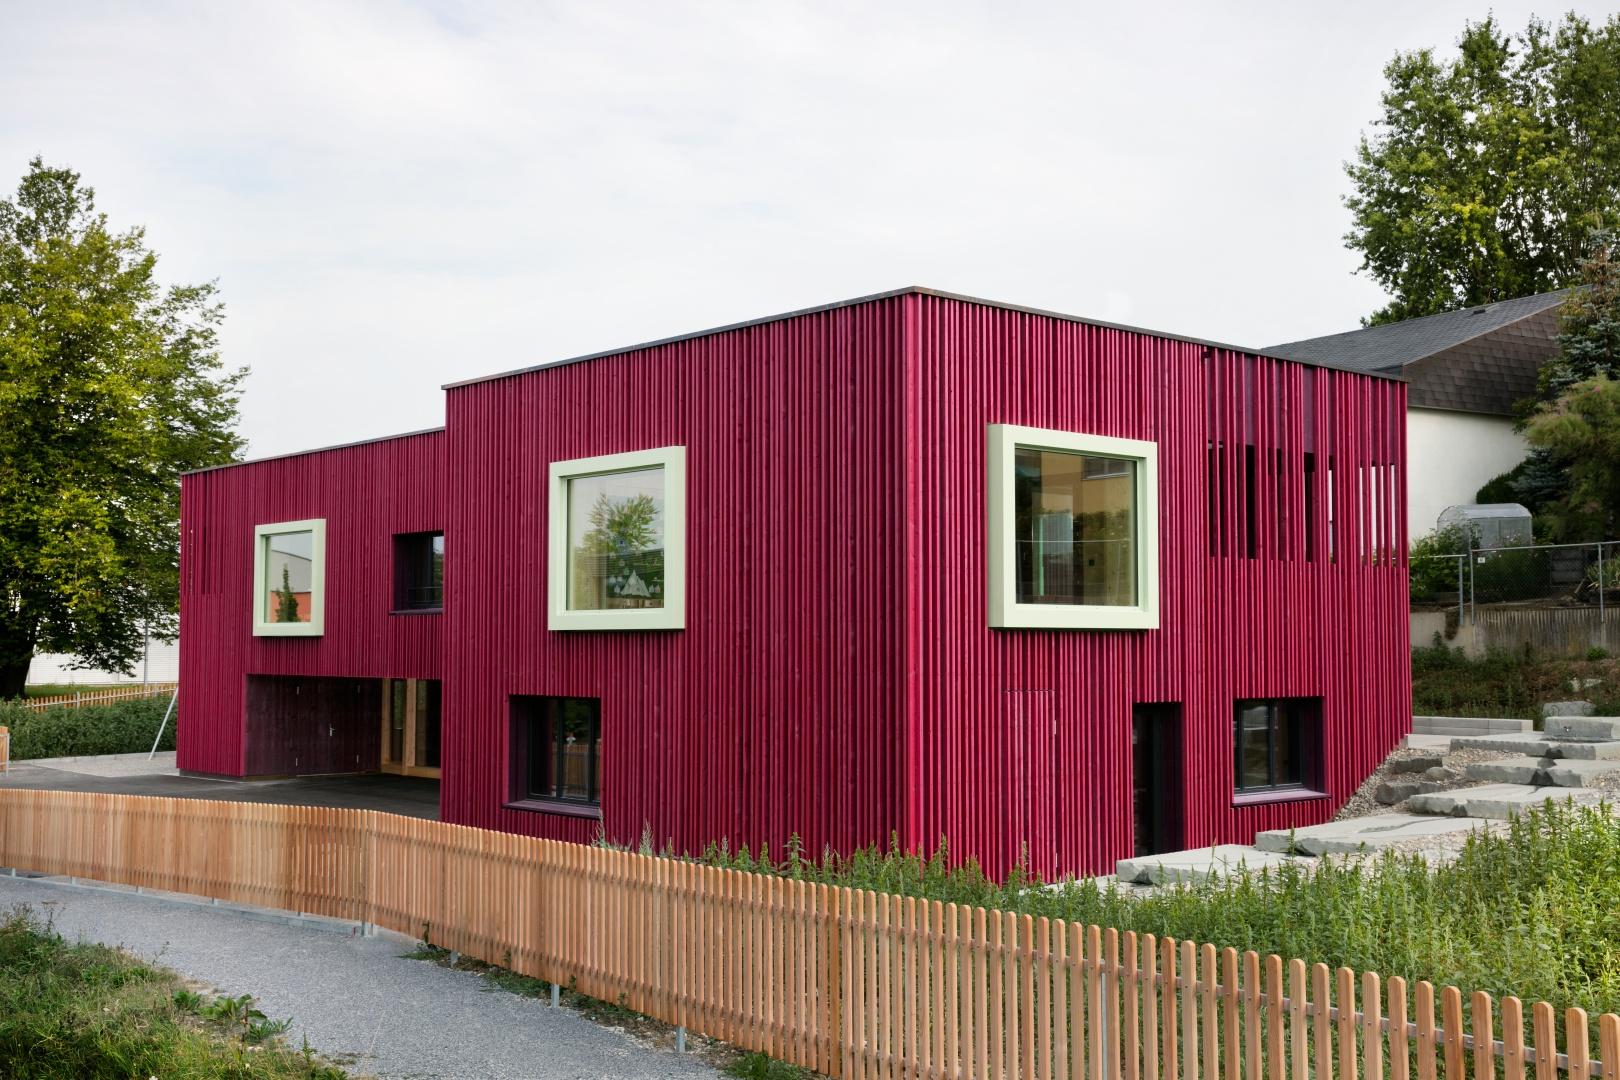 Aussenansicht © Singer Baenziger Architekten, Elisabethenstrasse 14a 8004 Zürich